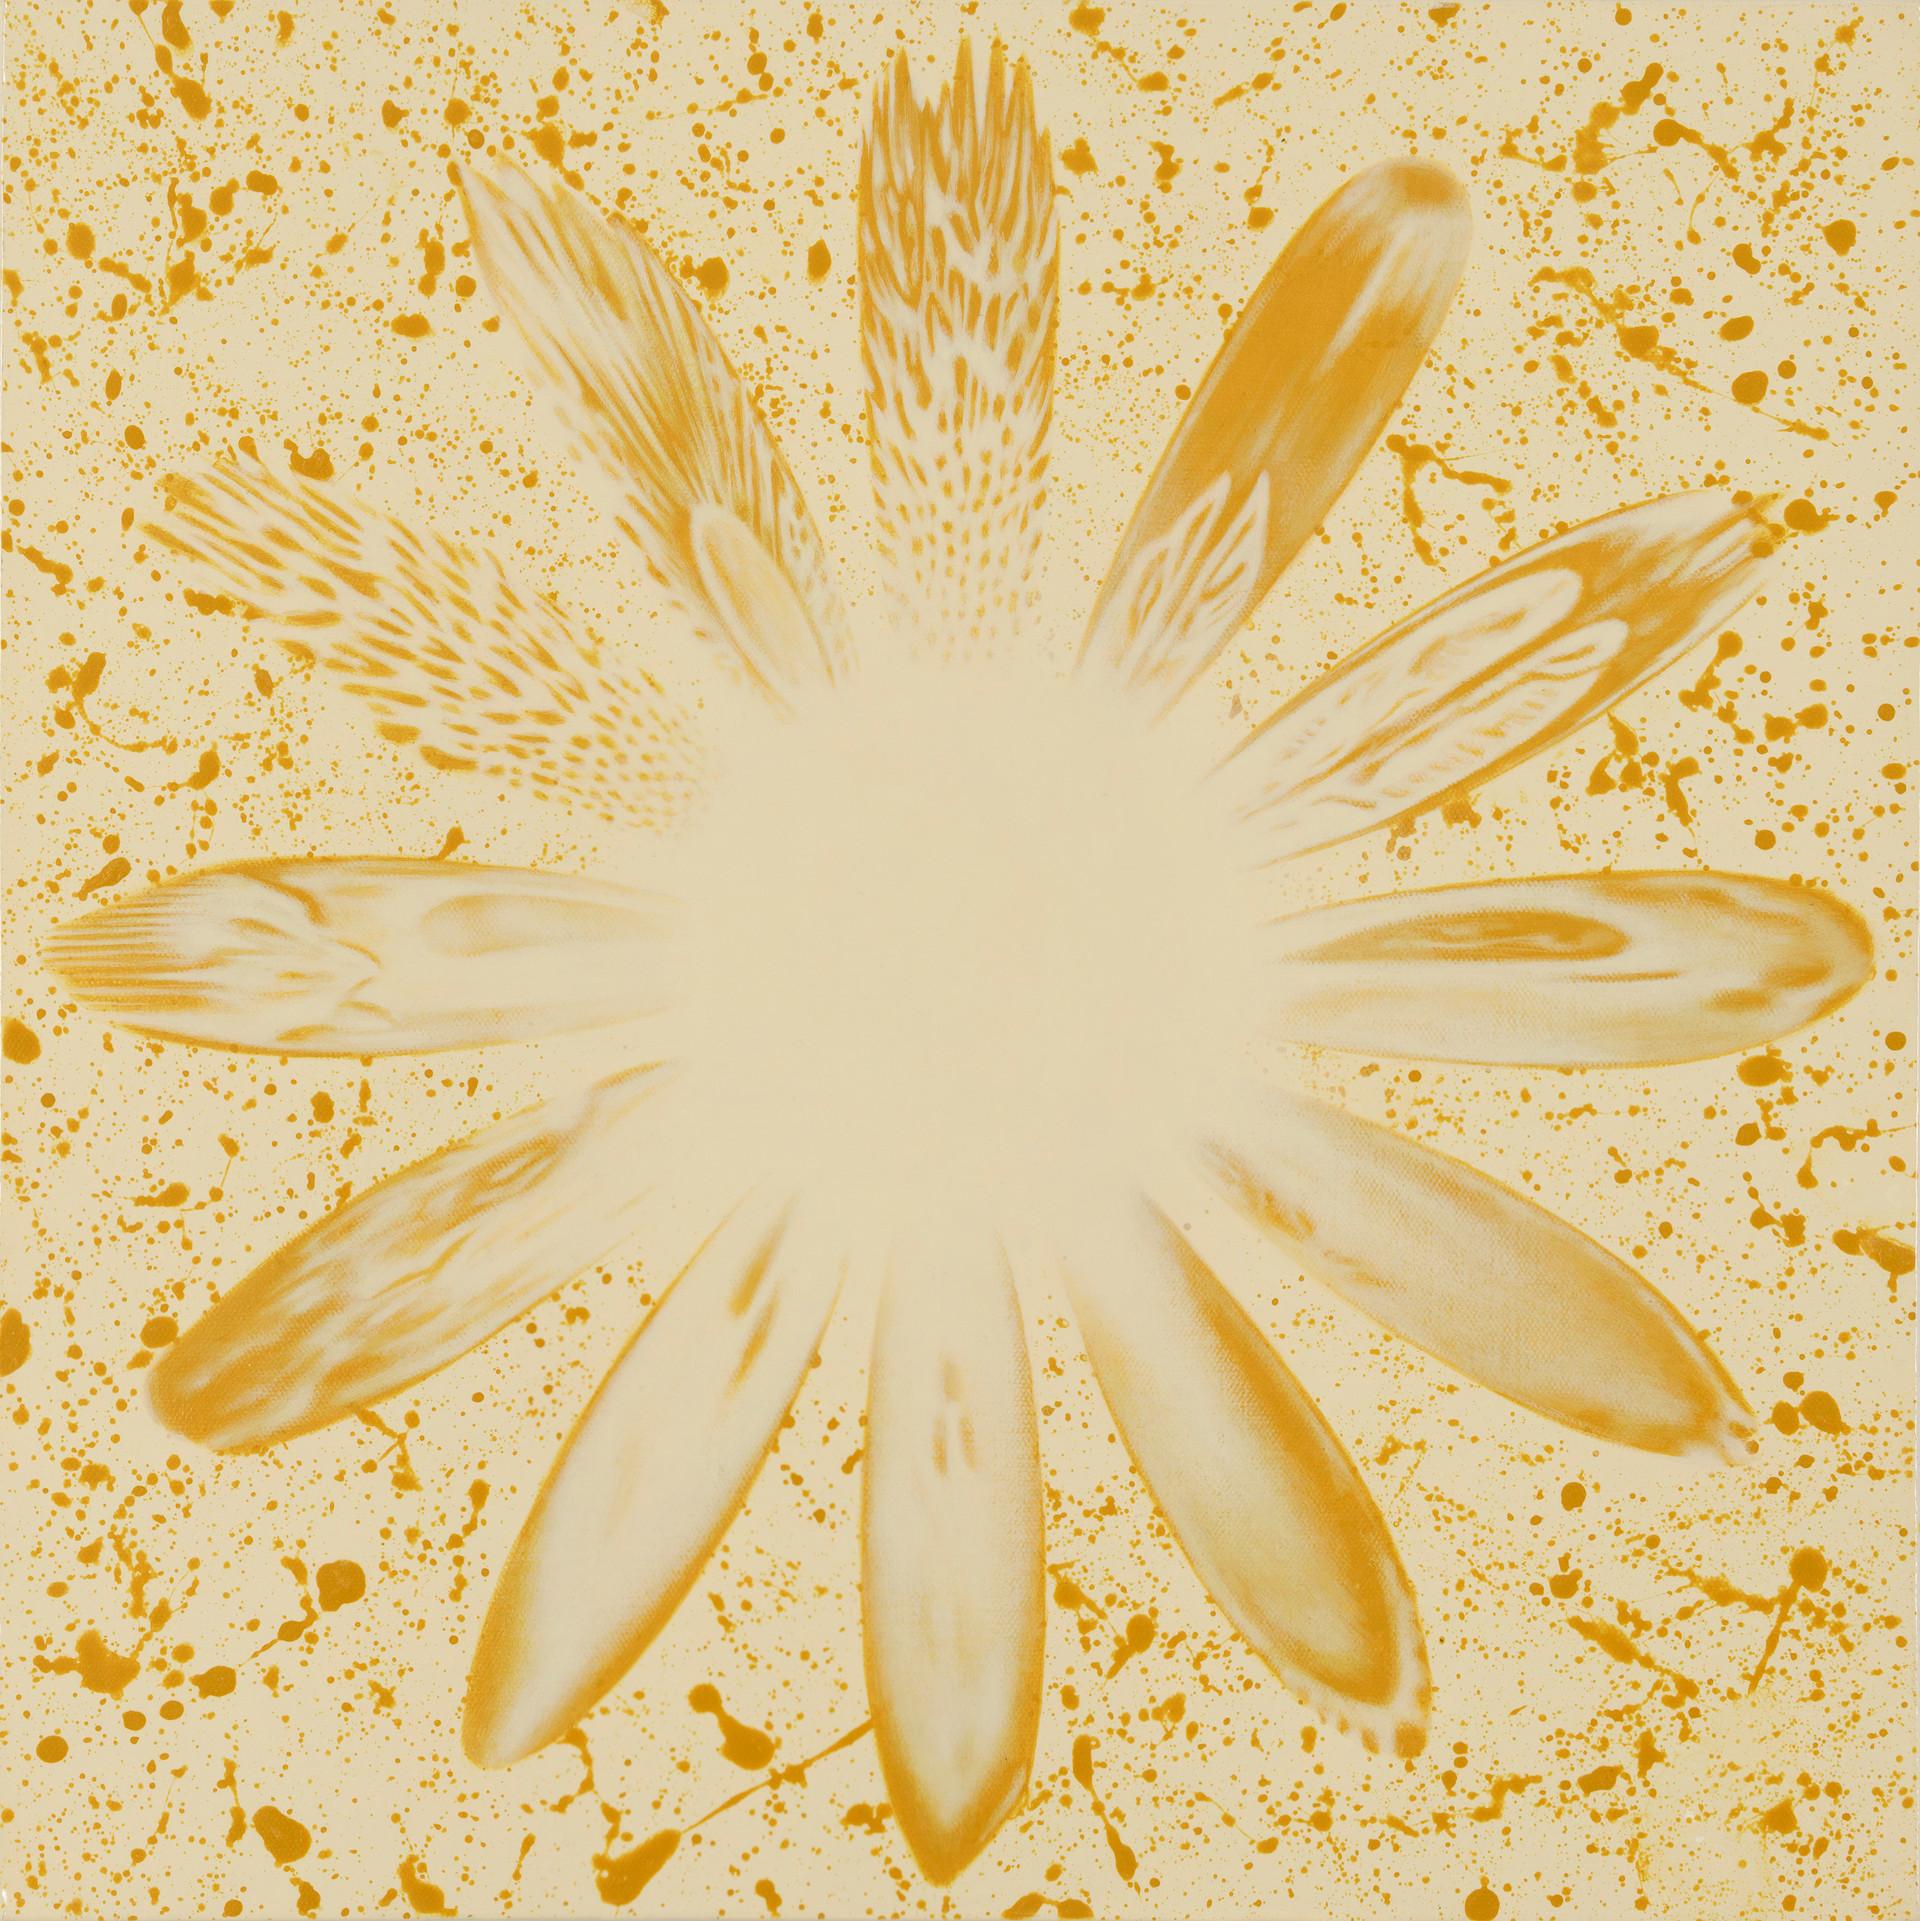 解酒圖 金色紀念版 II / The Flower of Sobering Up Gold Edition II